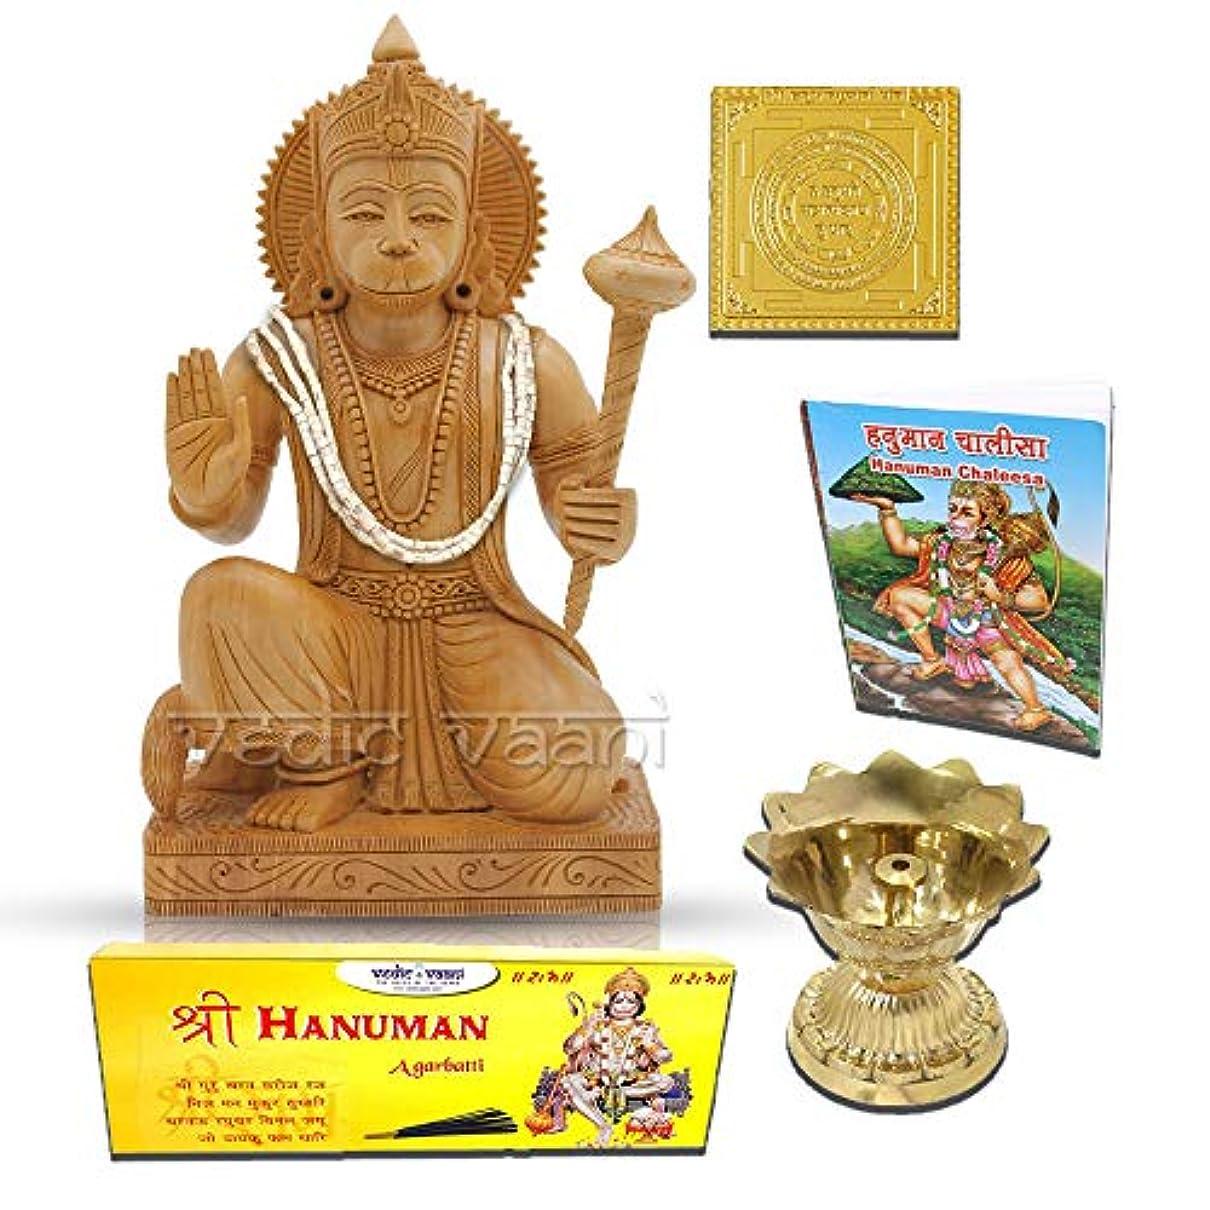 仮定勃起パーチナシティLord Hanuman木製Statue withヤントラ、Chalisa、Diya and Incense Sticks Vedic Vaani